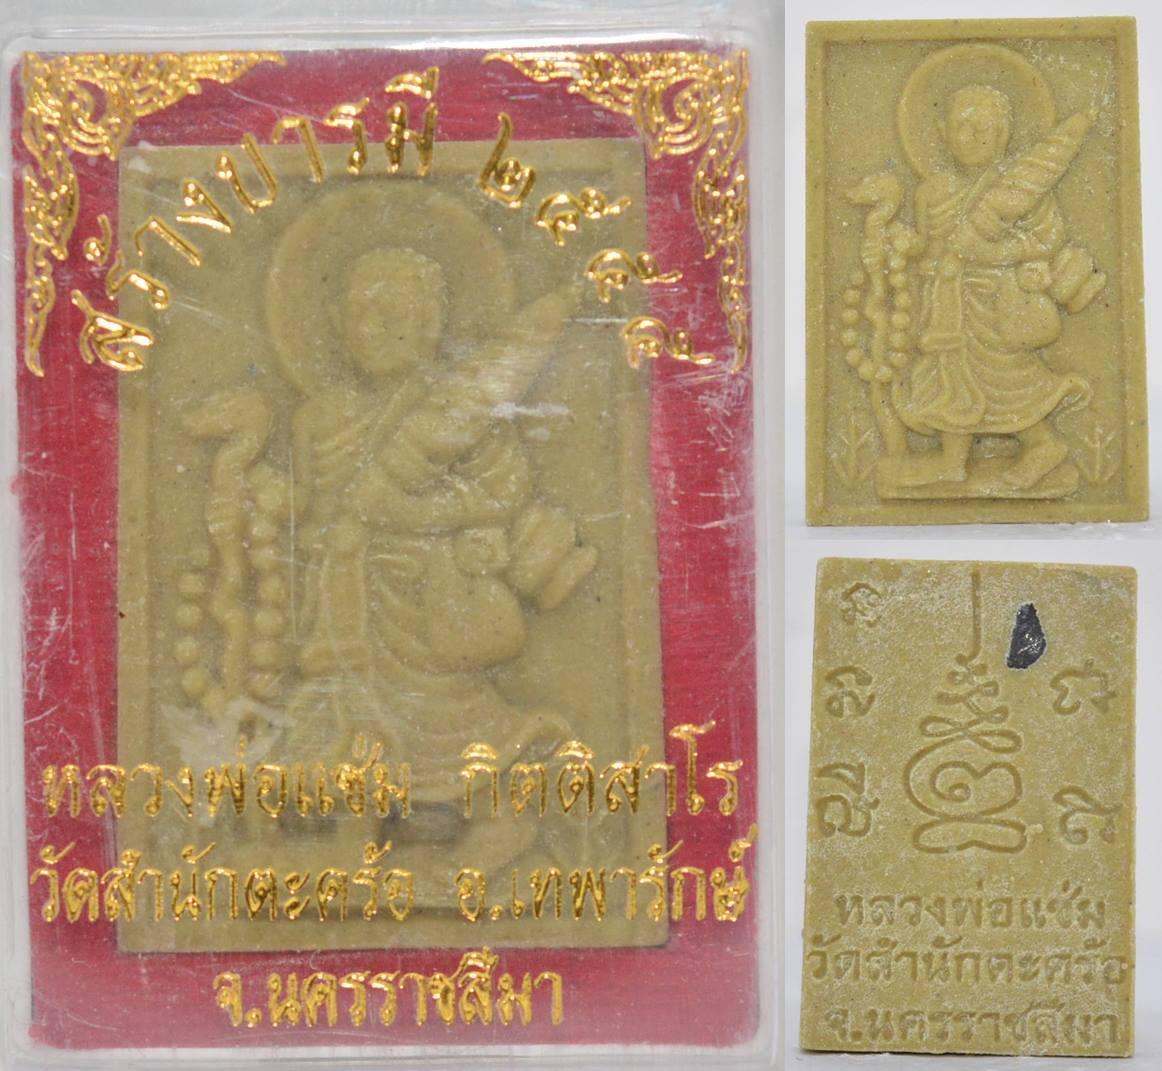 พระสิวลี หลวงพ่อแช่ม วัดสำนักตะคร้อ นครราชสีมา 2555